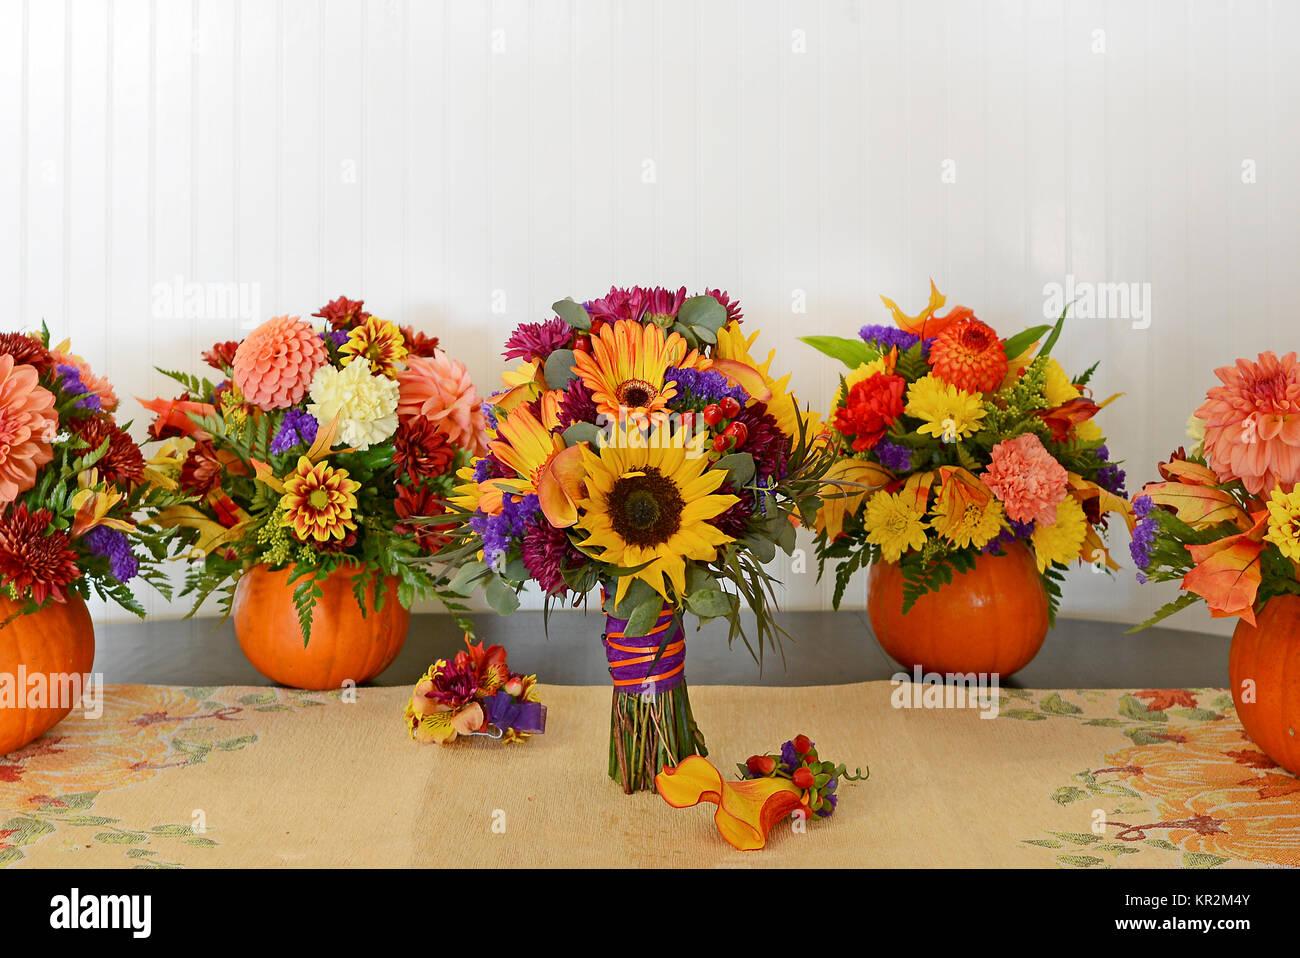 Foto Herbst Hochzeit Blumen Die Sonnenblume Brautstrauss Wird Durch